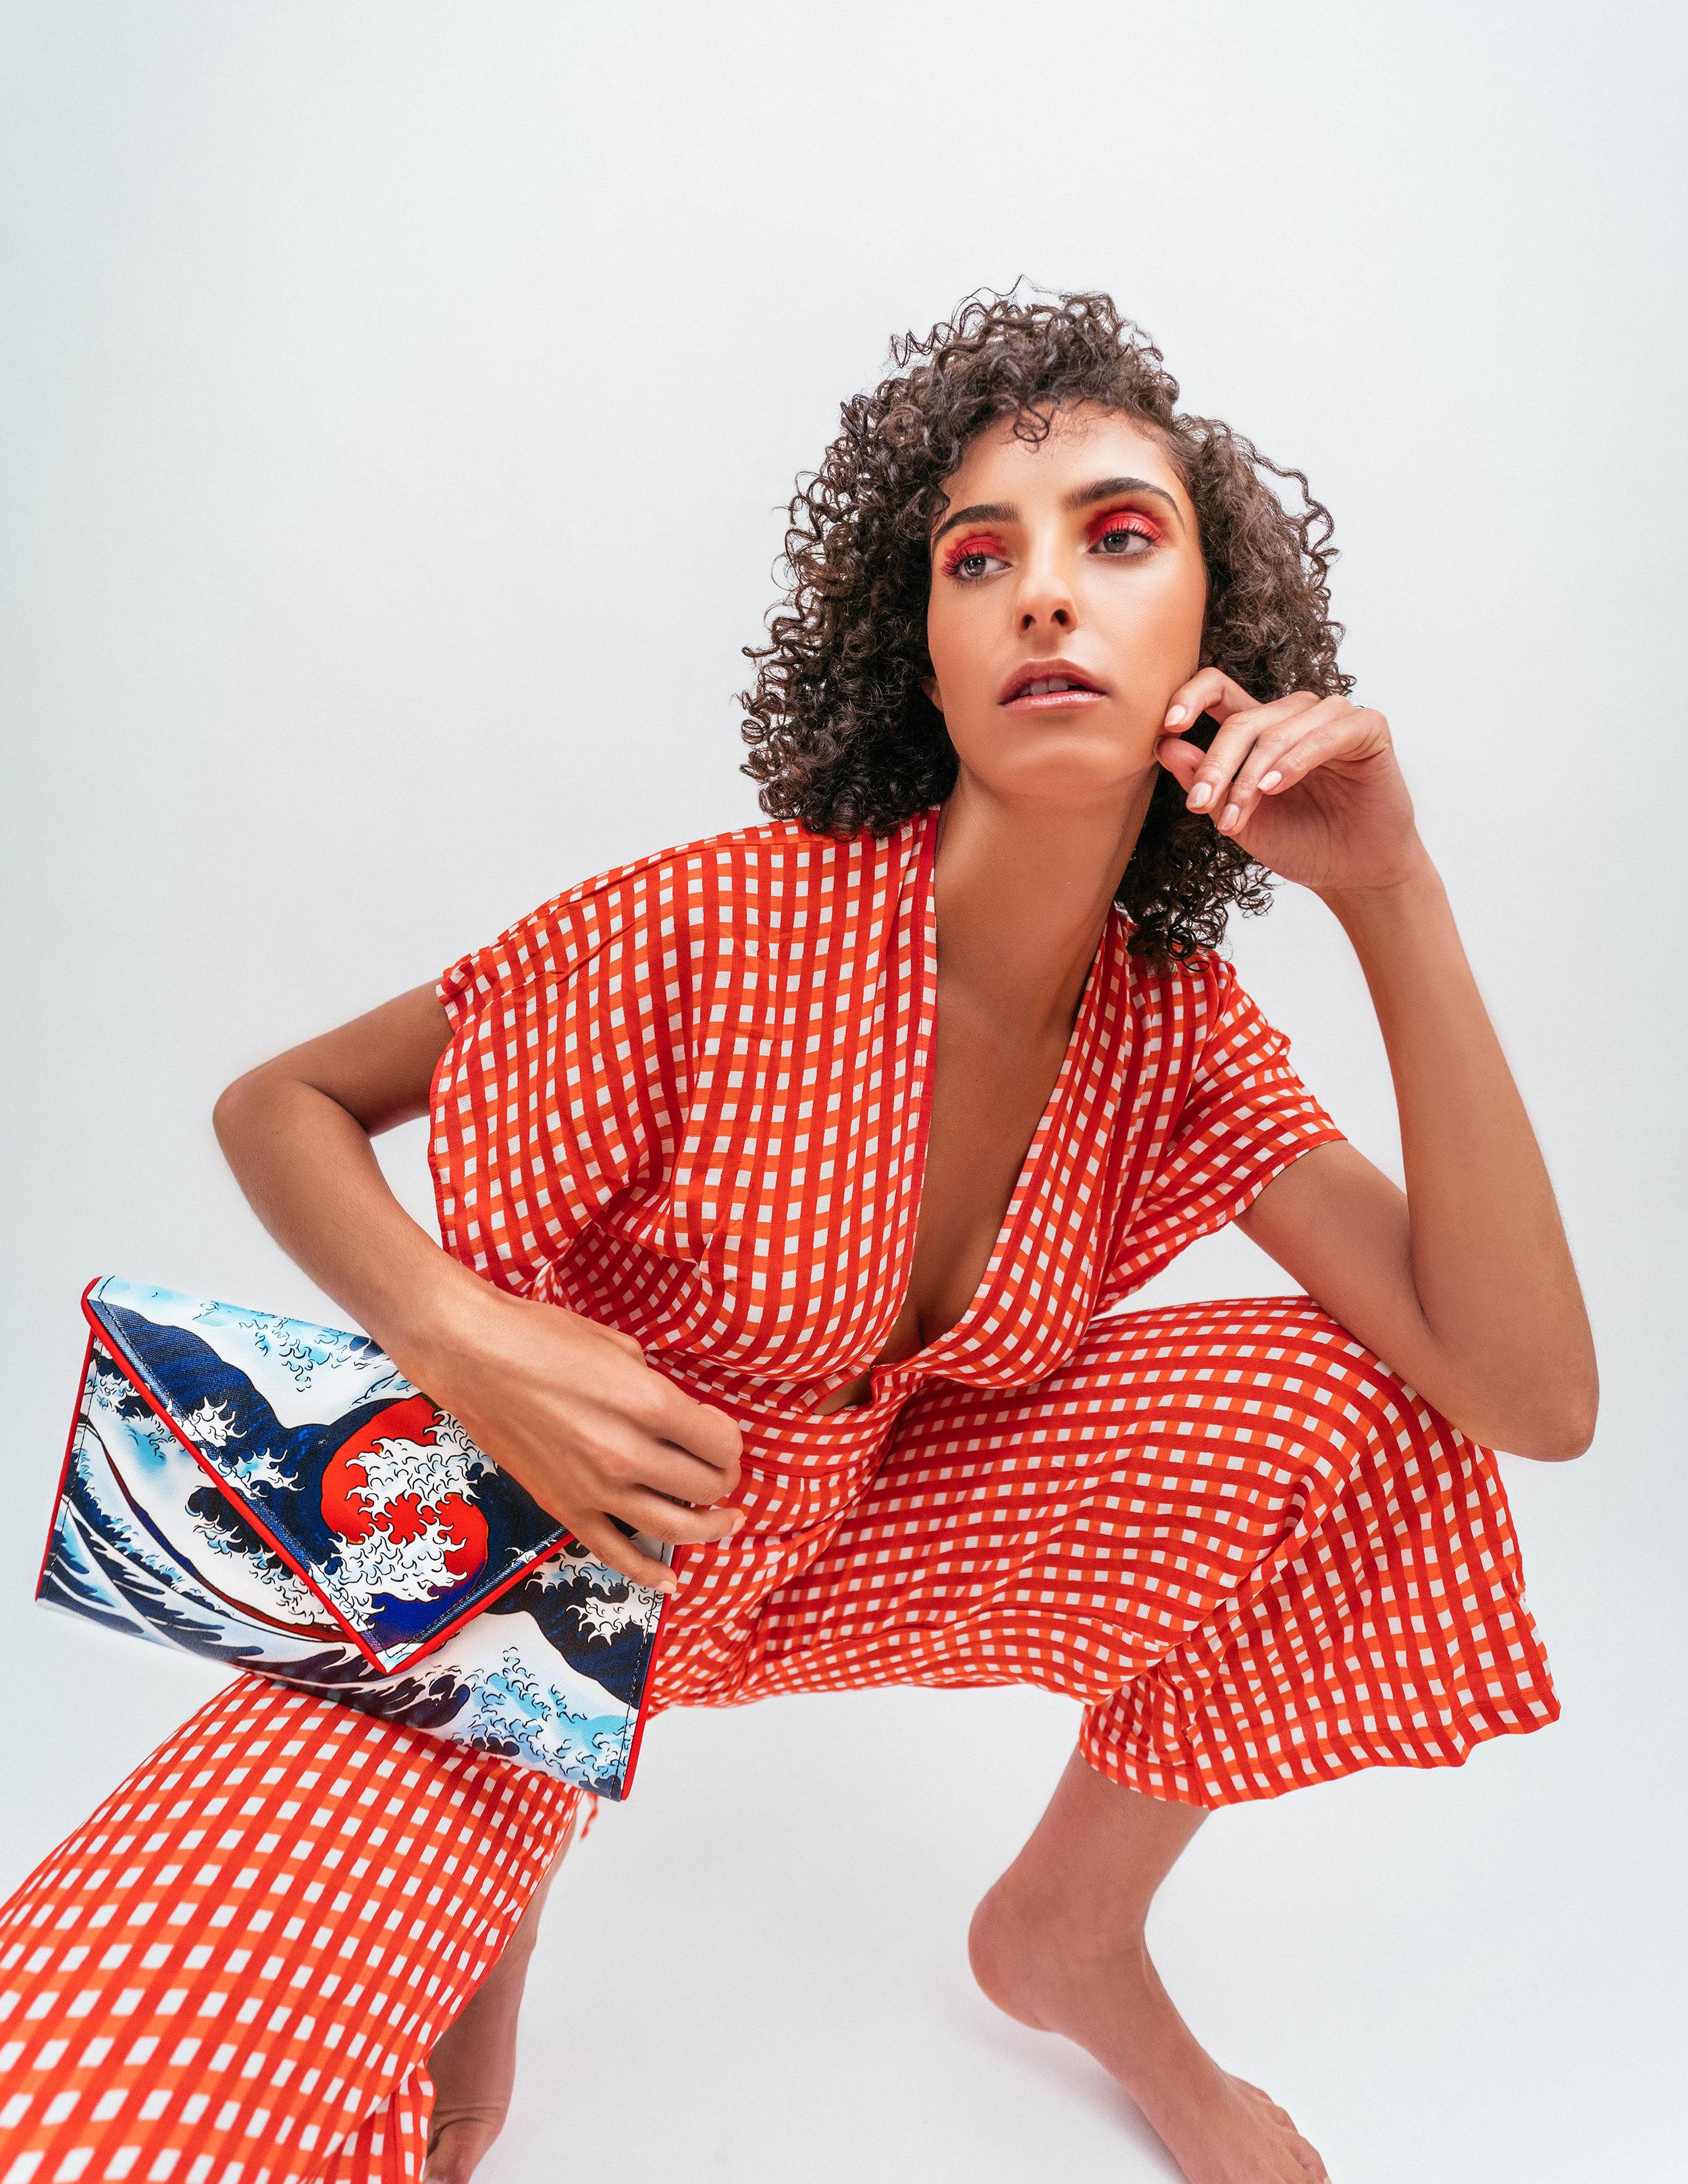 Jumpsuit: Zara, Handbag: Kent Stetson